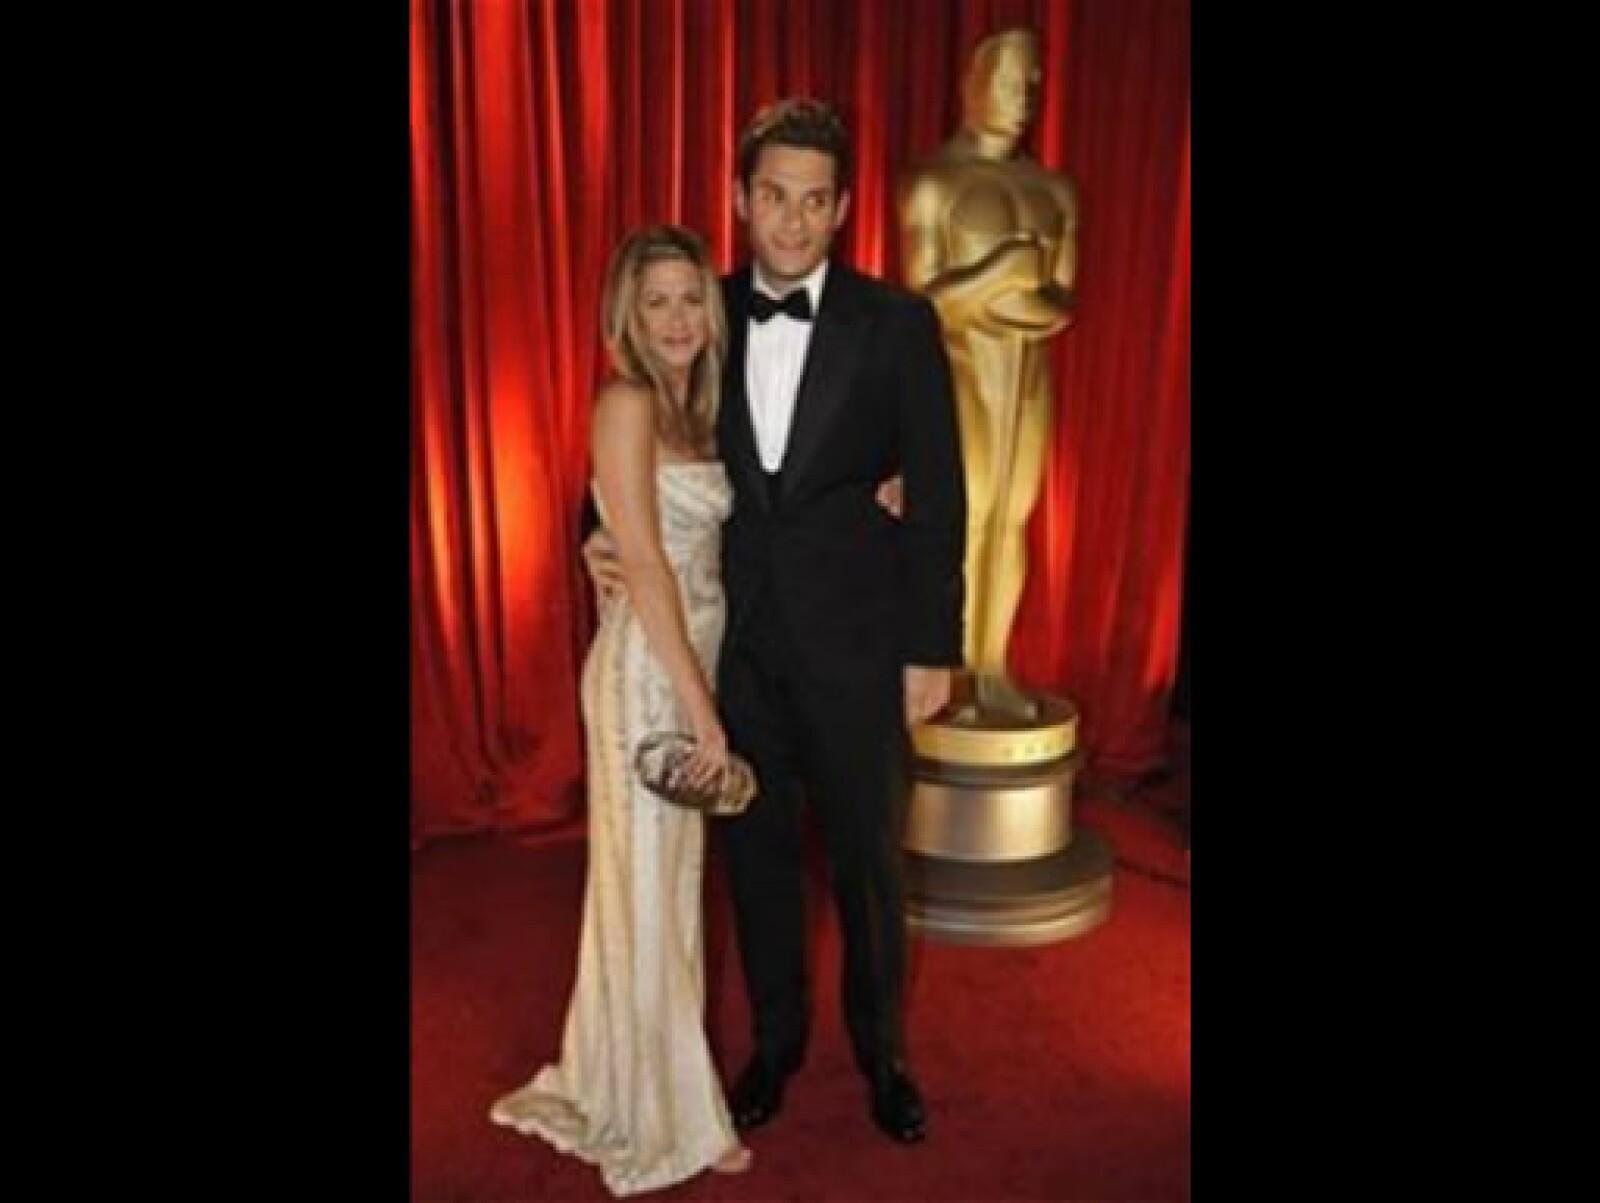 Ella llegó acompañada del músico John Mayer, de quien no se separó ni un minuto. La actriz lució un vestido largo color dorado con cuentas.